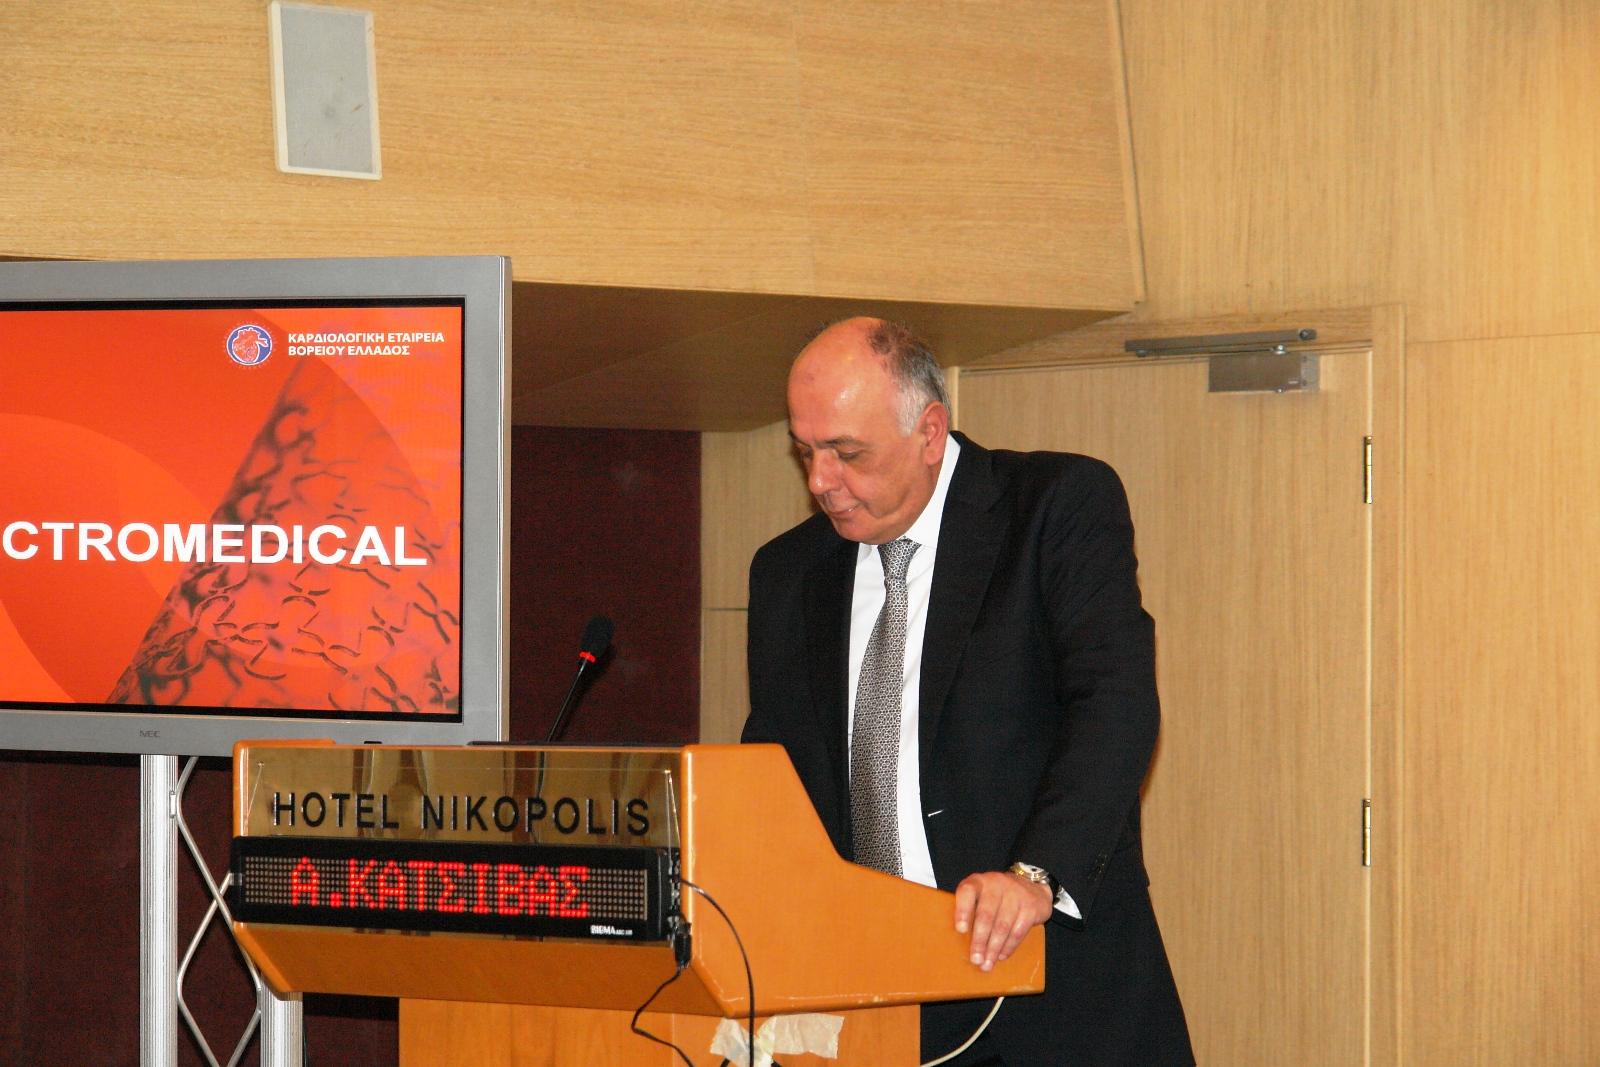 dsc07146 - 3ο Συνέδριο Επεμβατικής Καρδιολογίας & Ηλεκτροφυσιολογίας